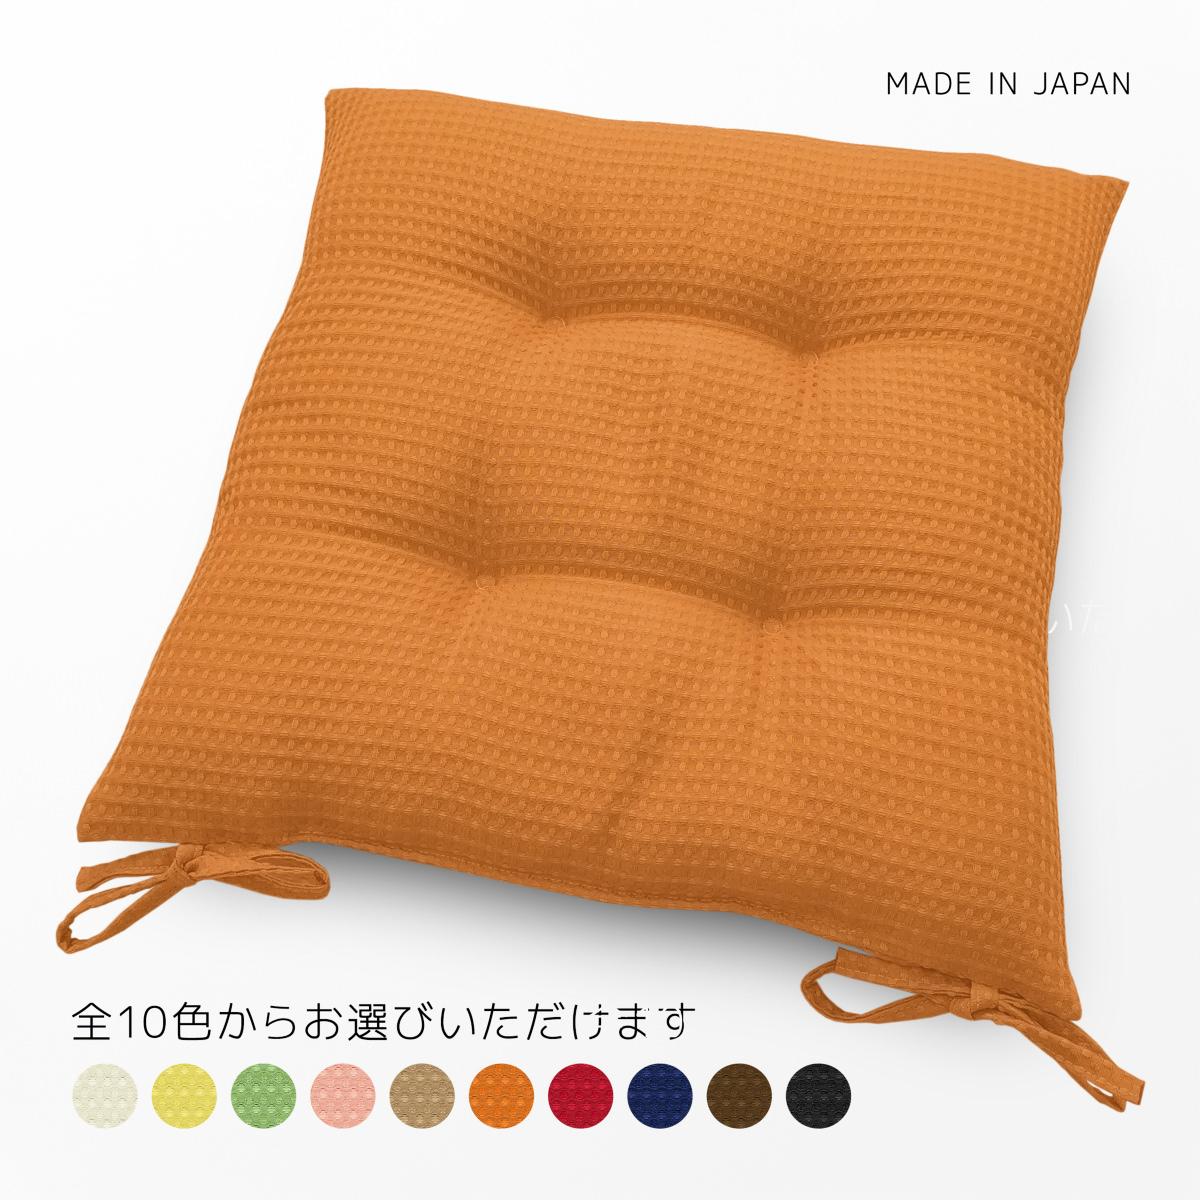 フロアでも ダイニングチェアーでも クッション 椅子用 45×45 シートクッション 本体 カジュアルドット 丈夫 流行のアイテム ロングセラー 子供部屋 ダイニングチェアーの座面クッションやベンチクッションとして 素縫い 4点どめ ポリエステルわた ひも付きひもなし選べます ついに再販開始 両面共生地 おしゃれ 日本製